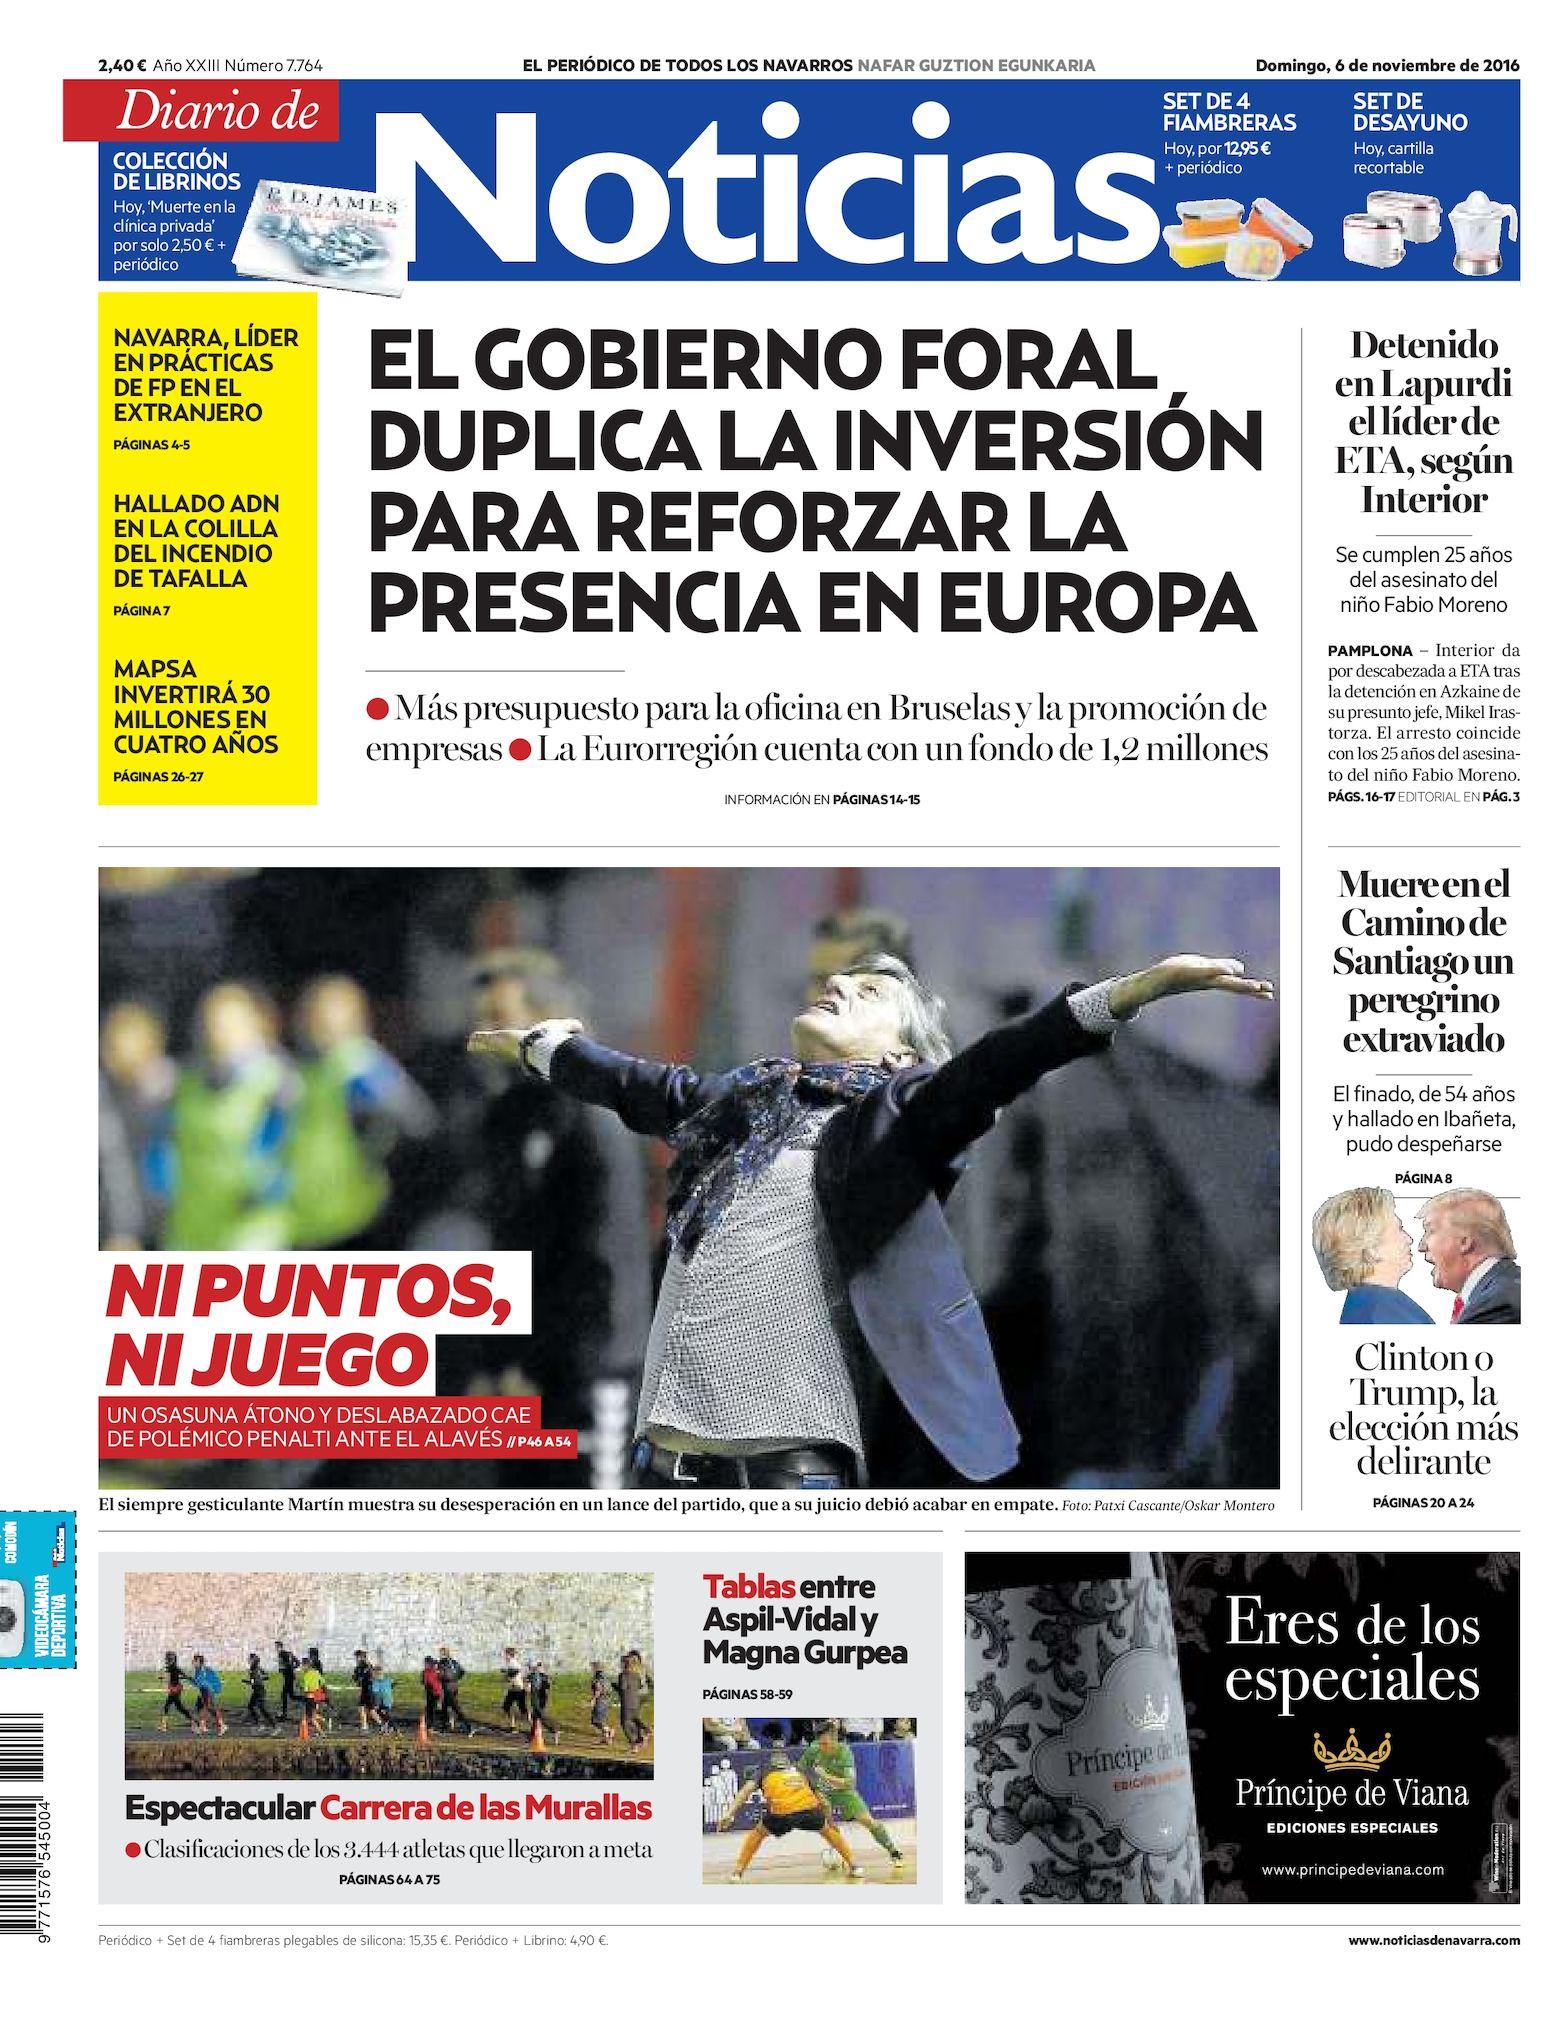 Actriz Porno De Los Remedios Sevilla calaméo - diario de noticias 20161106